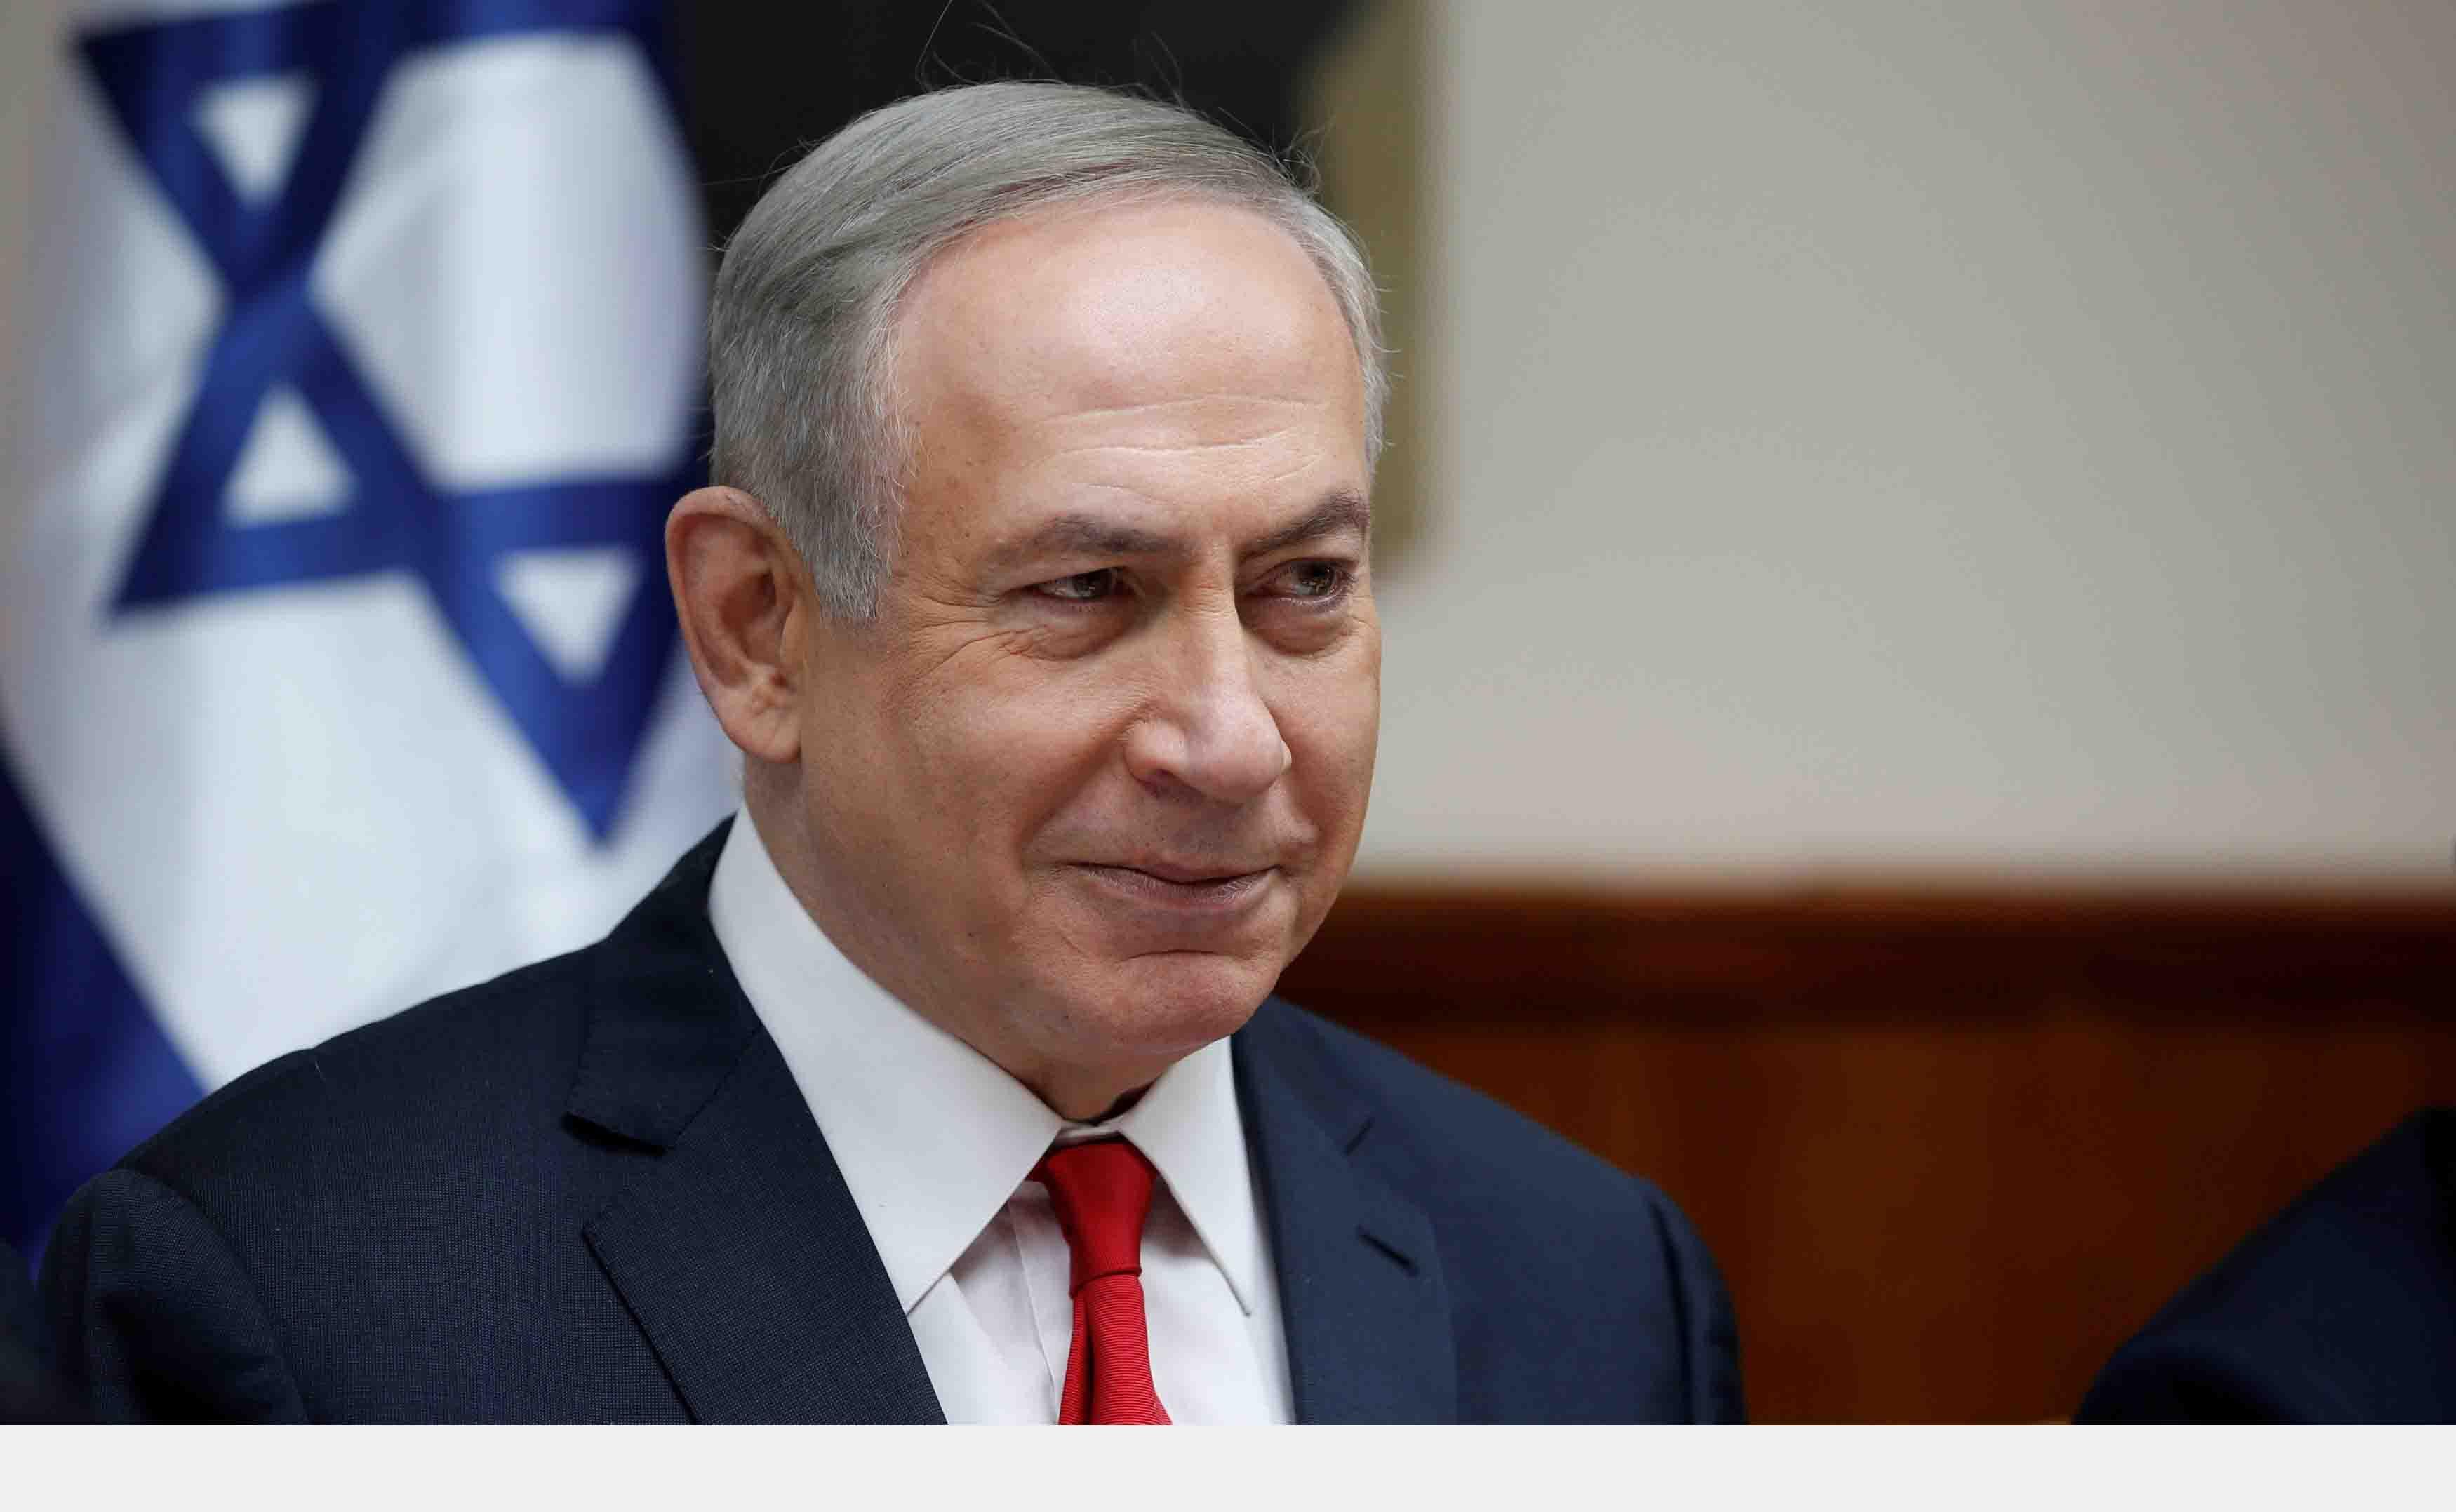 El primer ministro israelí envió un mensaje de paz a la comunidad iraní con la intensión de promover un futuro pacífico